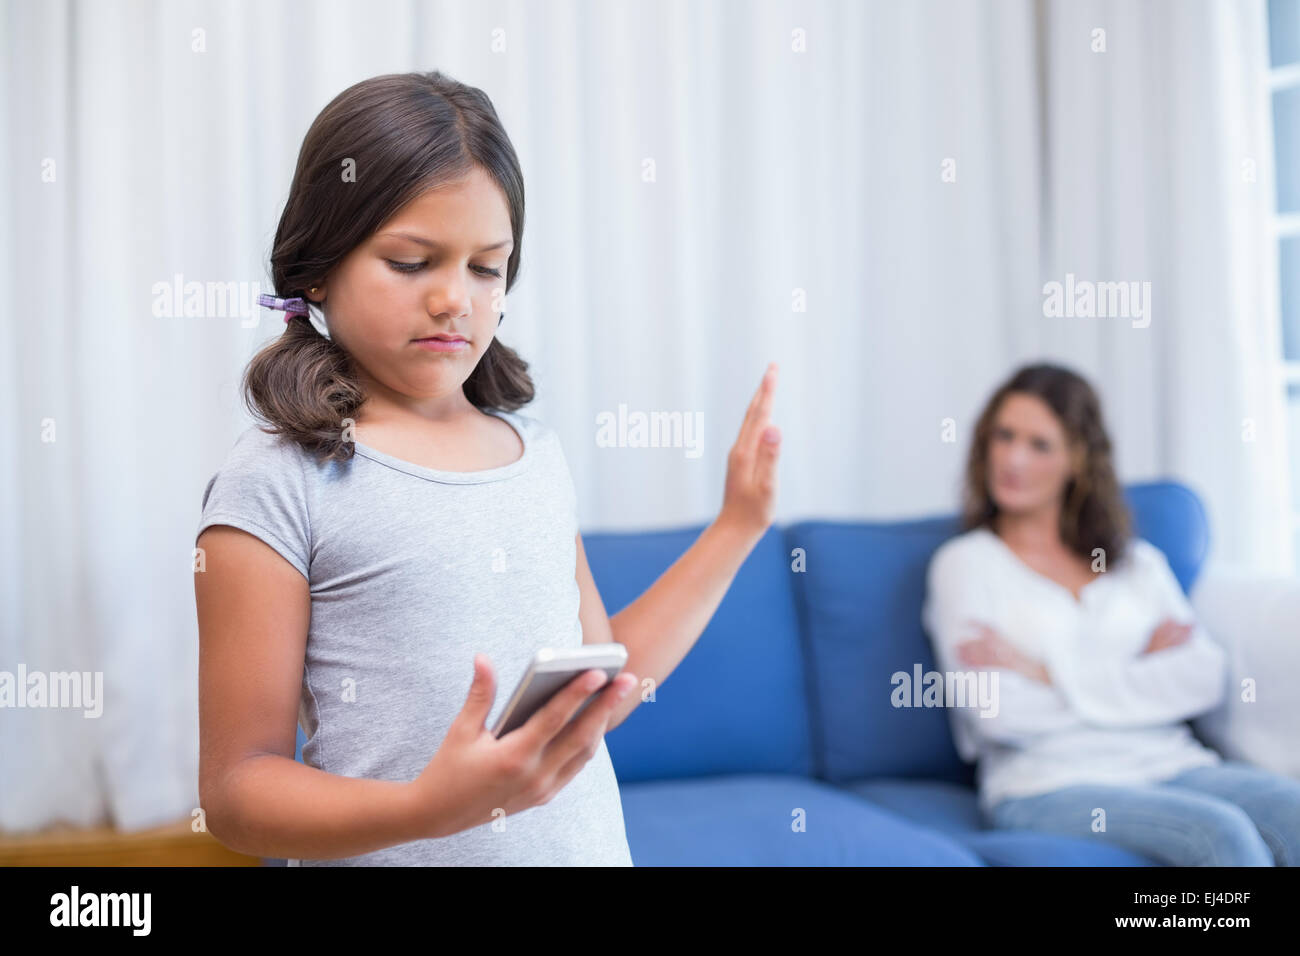 Speaking, mature naughty girl